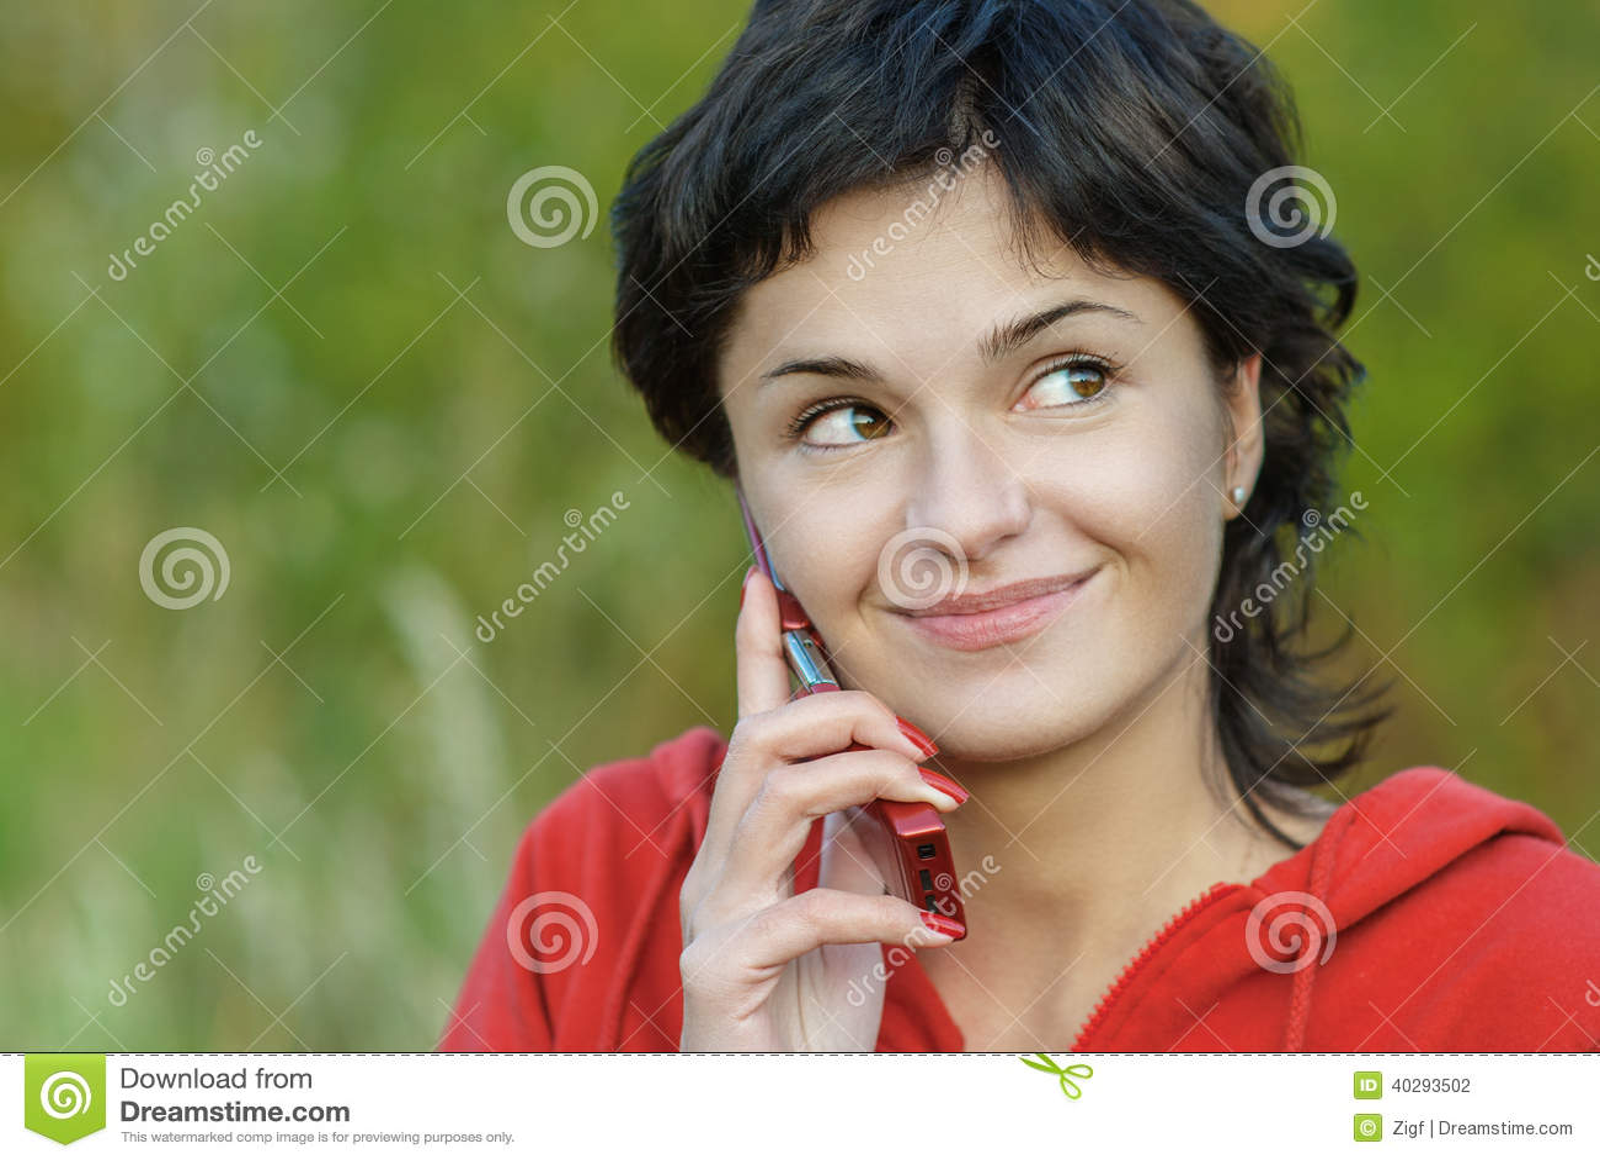 Девушка в парке говорит телефоном